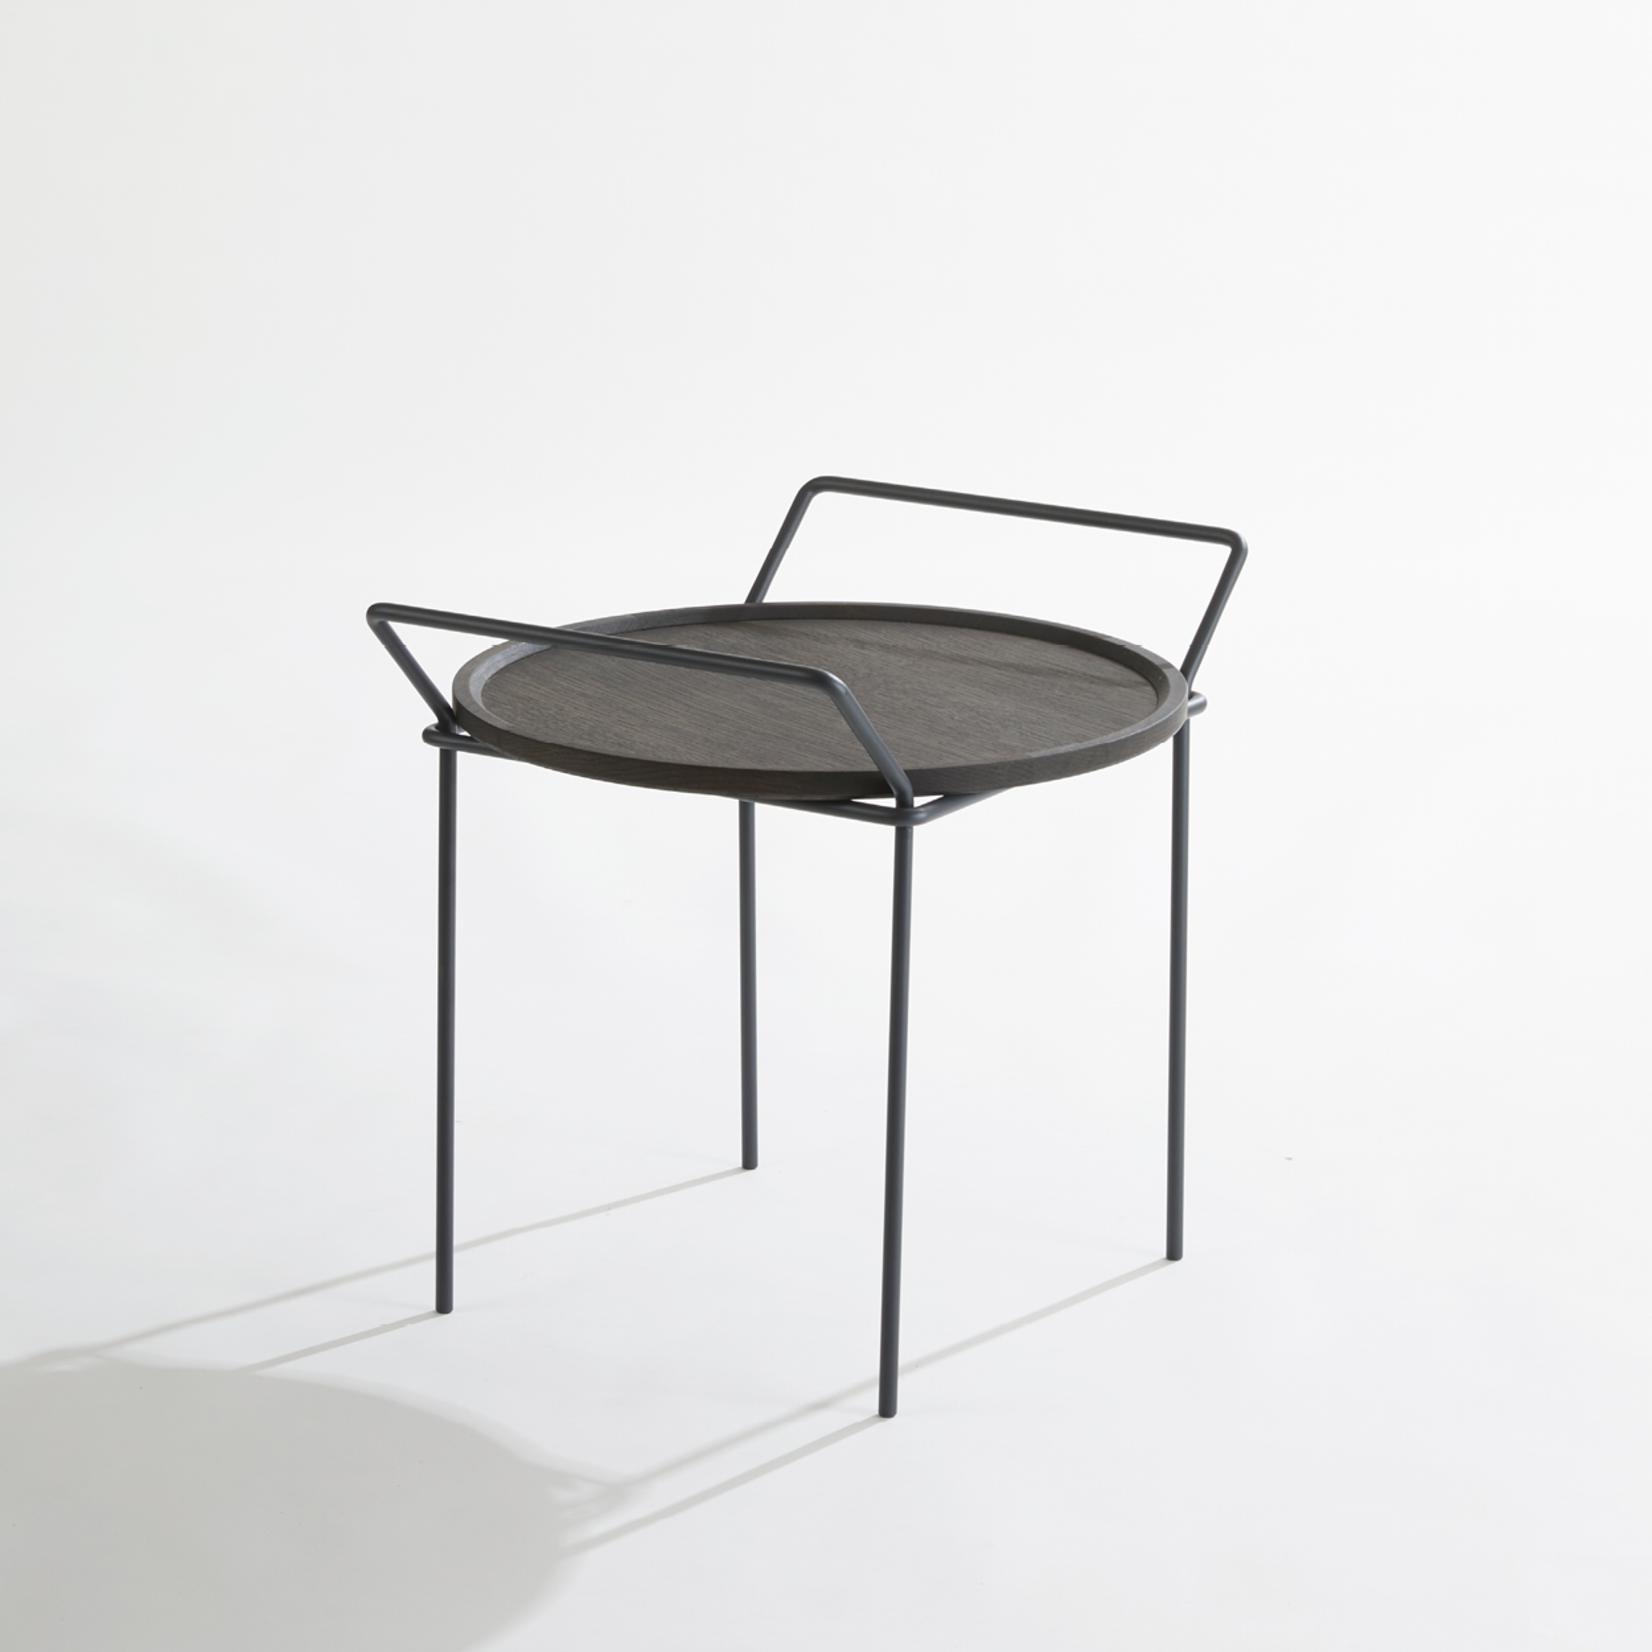 LABEL | Vandenberg Carry complete black